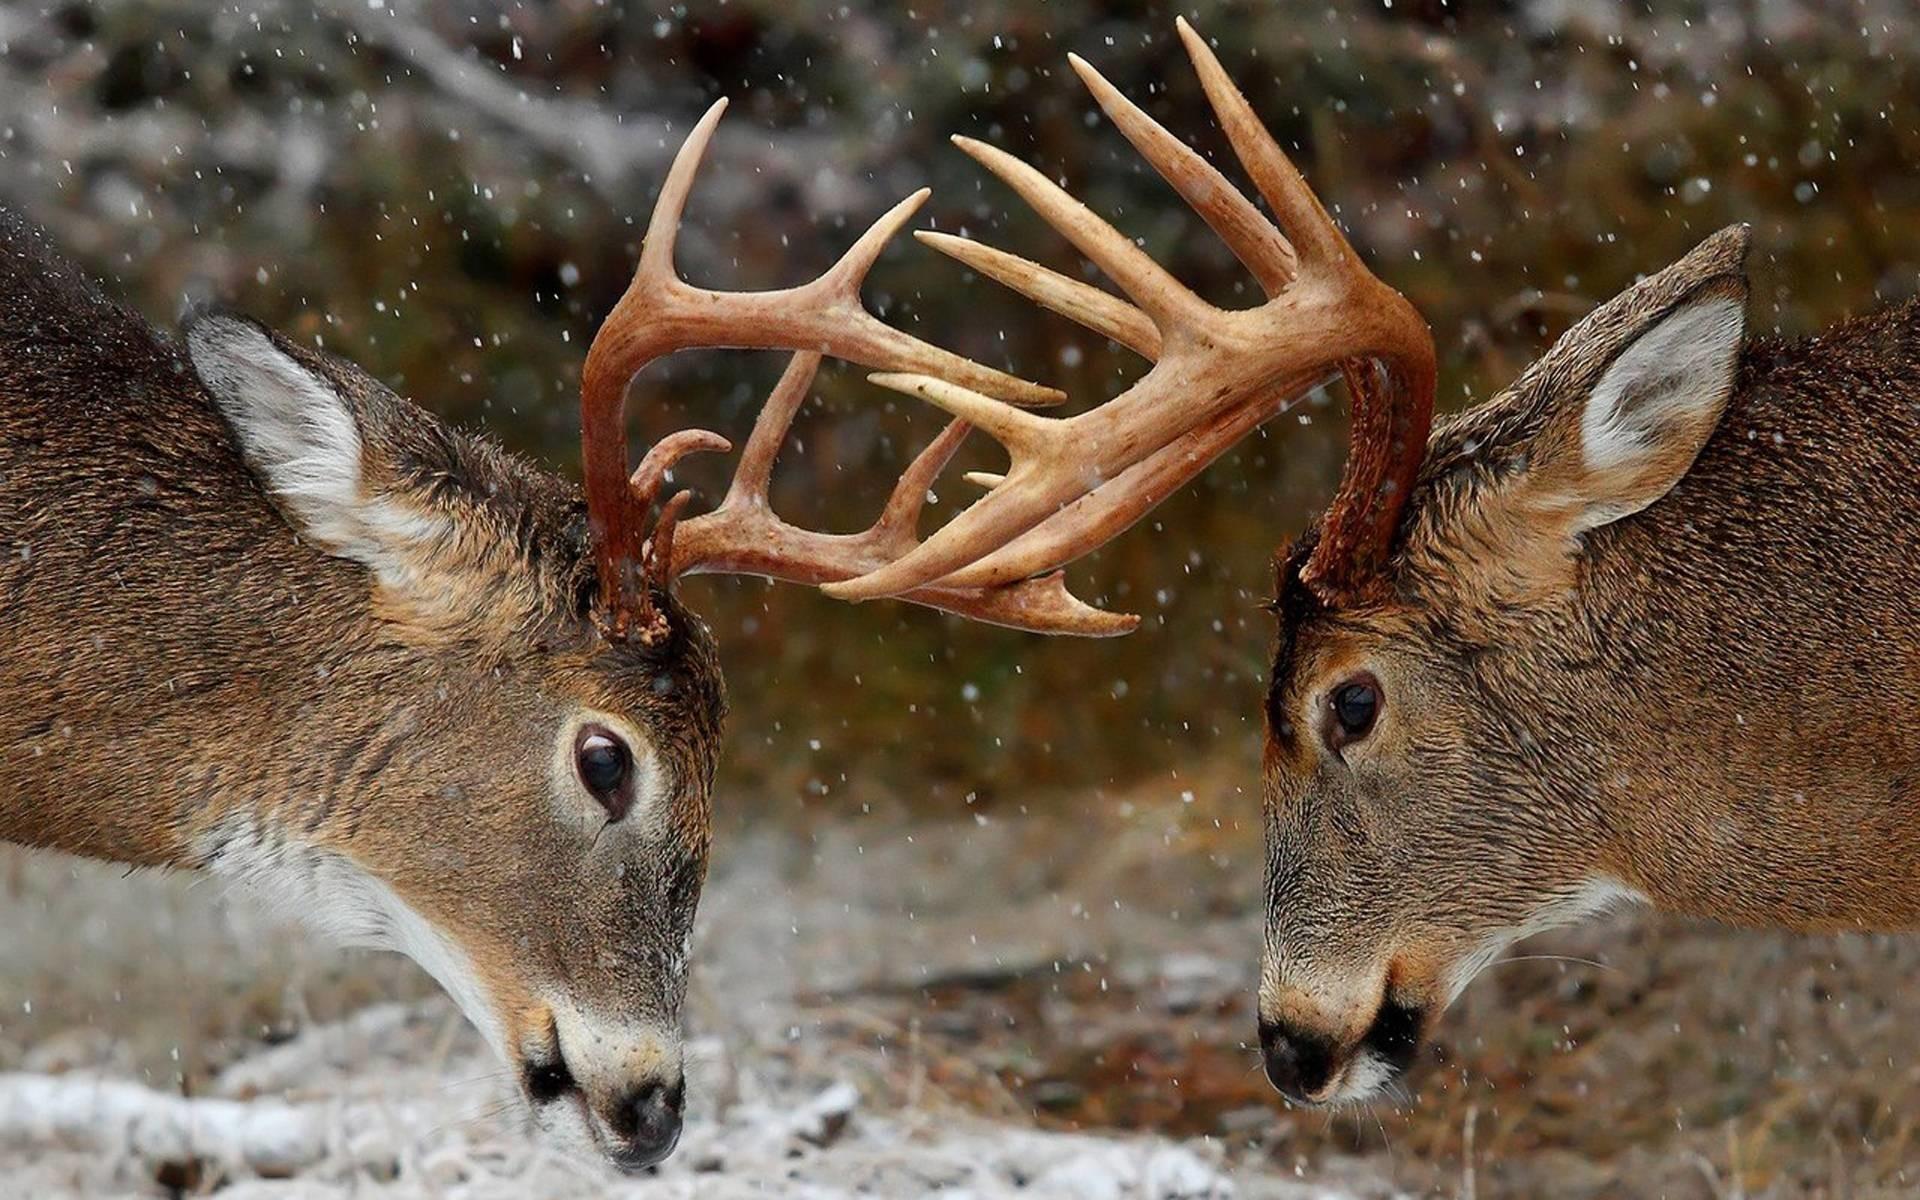 deer iphone hd wallpapers | Desktop Backgrounds for Free HD .